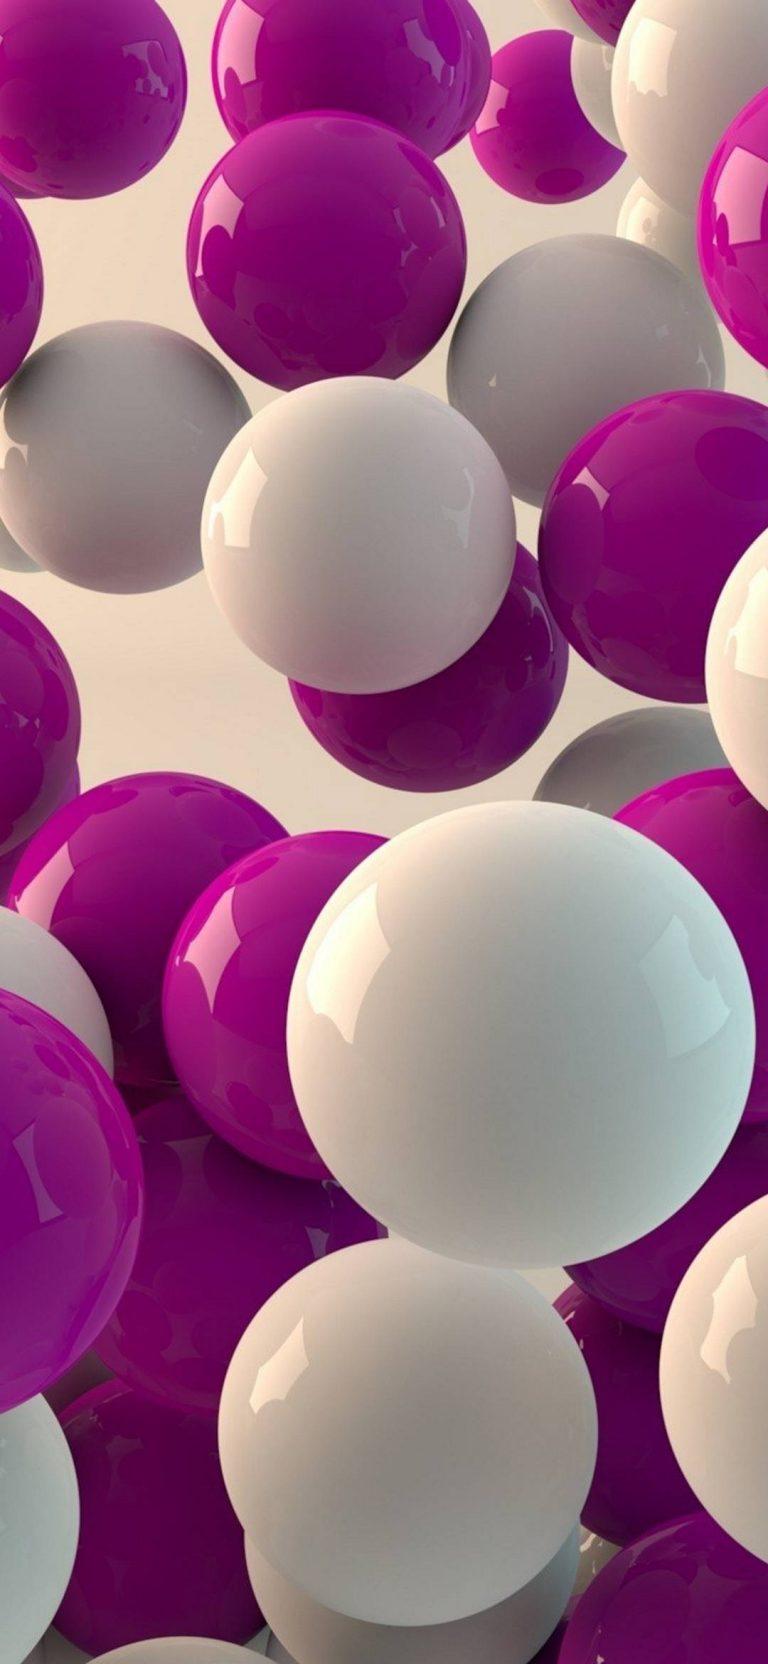 Balls 3d Flight 1080x2340 768x1664